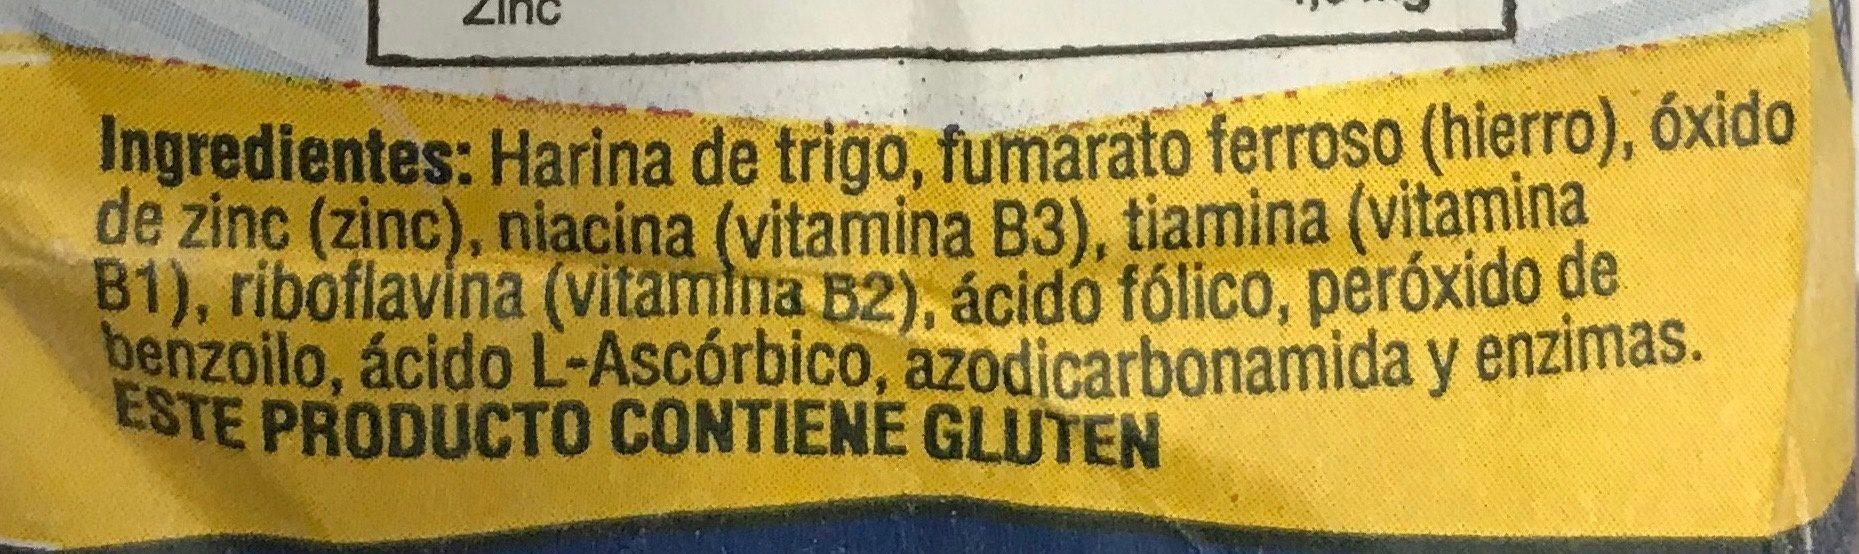 Harina de trigo - Ingrédients - es